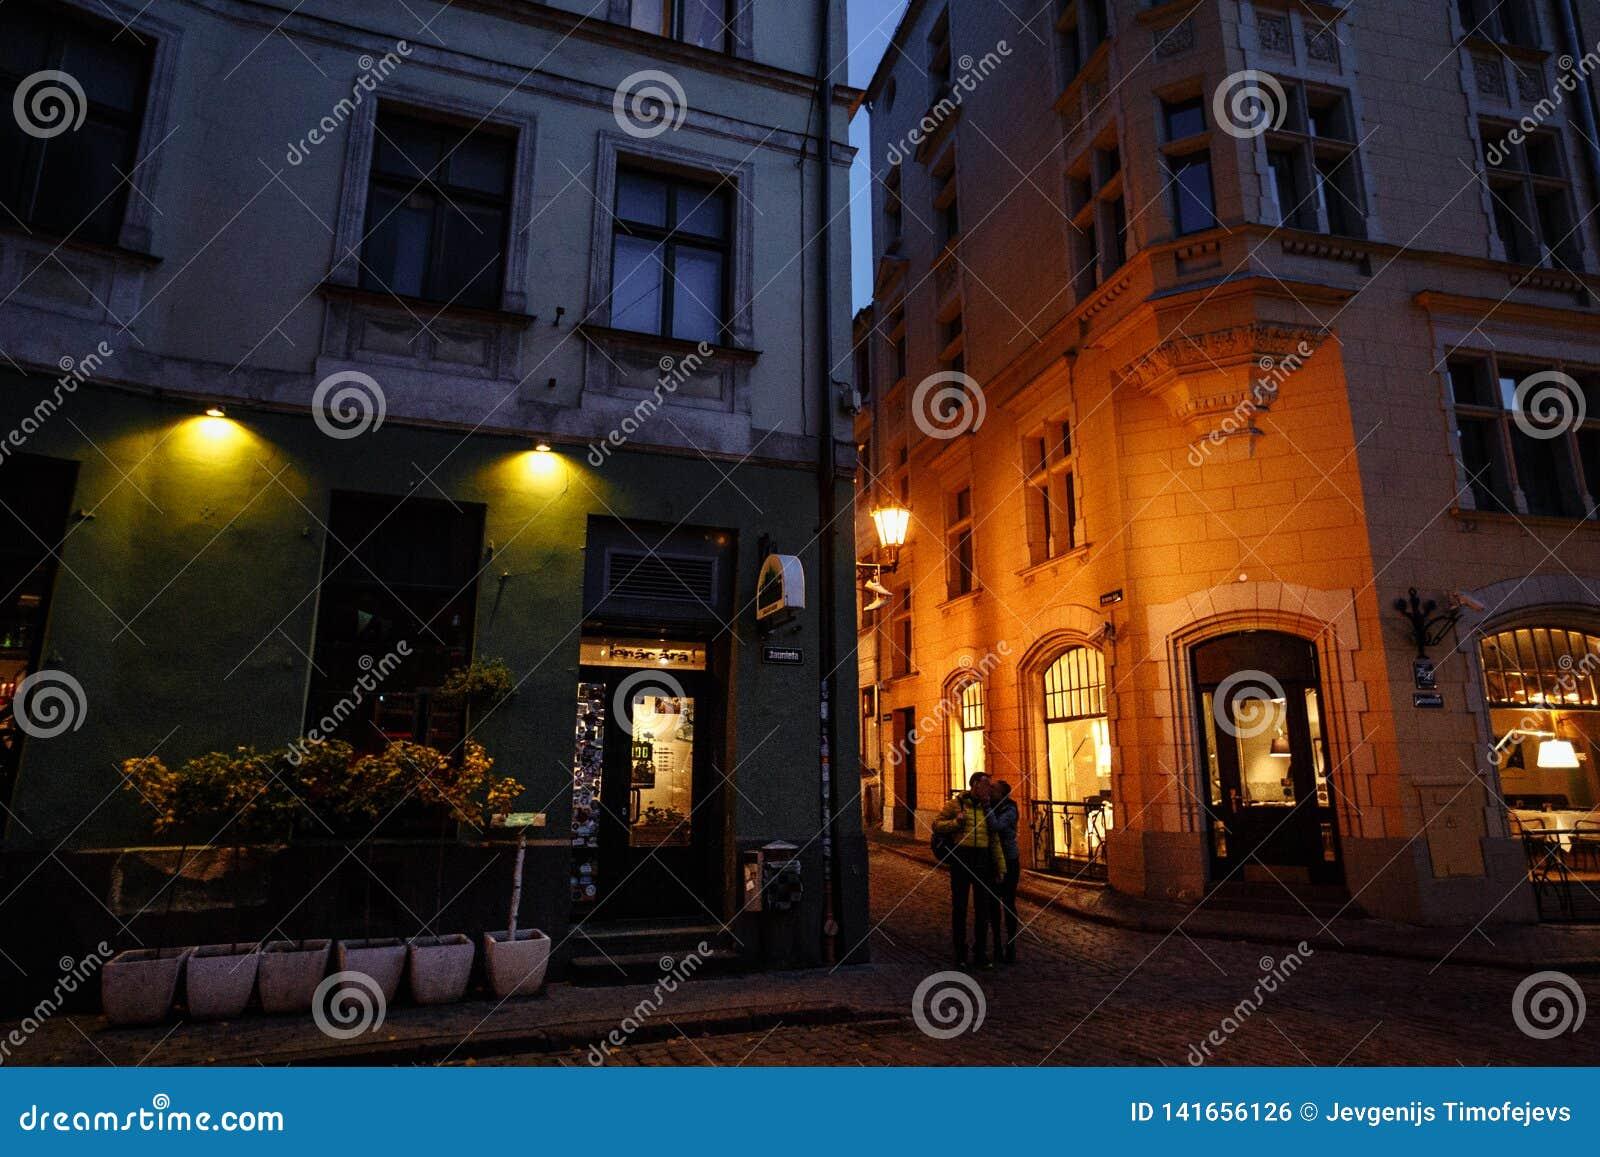 Riga vieja en la noche, Letonia, Europa - gente que camina en las calles históricas de la capital europea